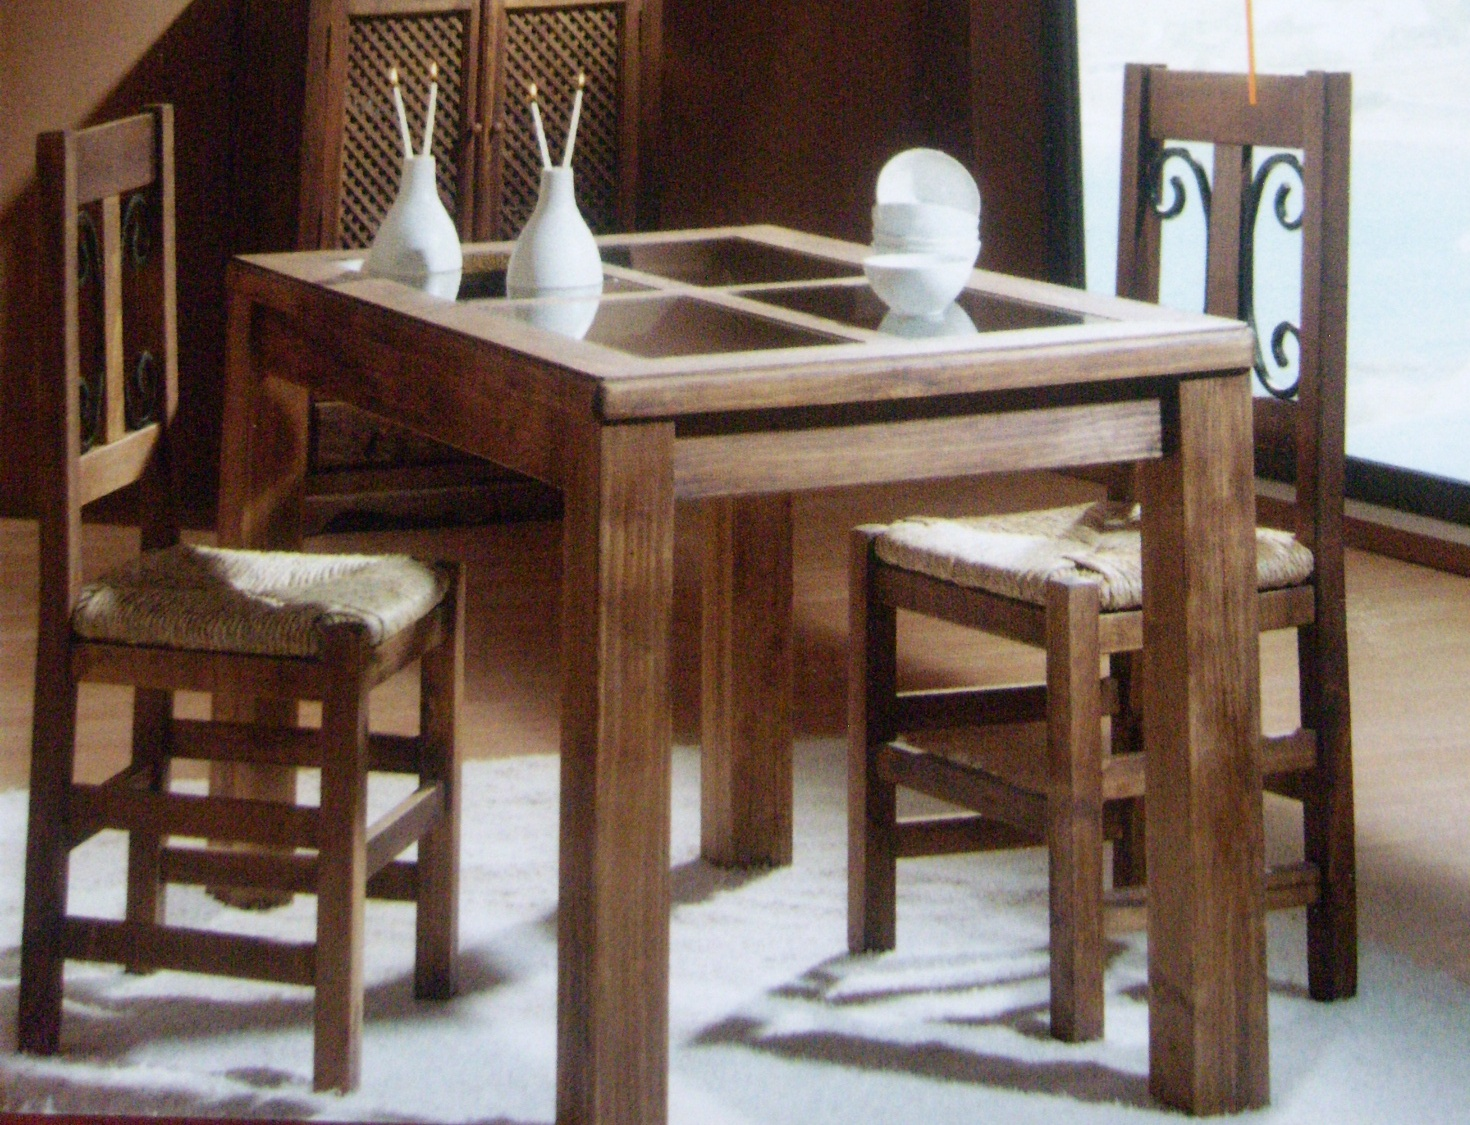 Mesas y sillas rusticas de madera muebles rusticos a for Mesas y sillas rusticas